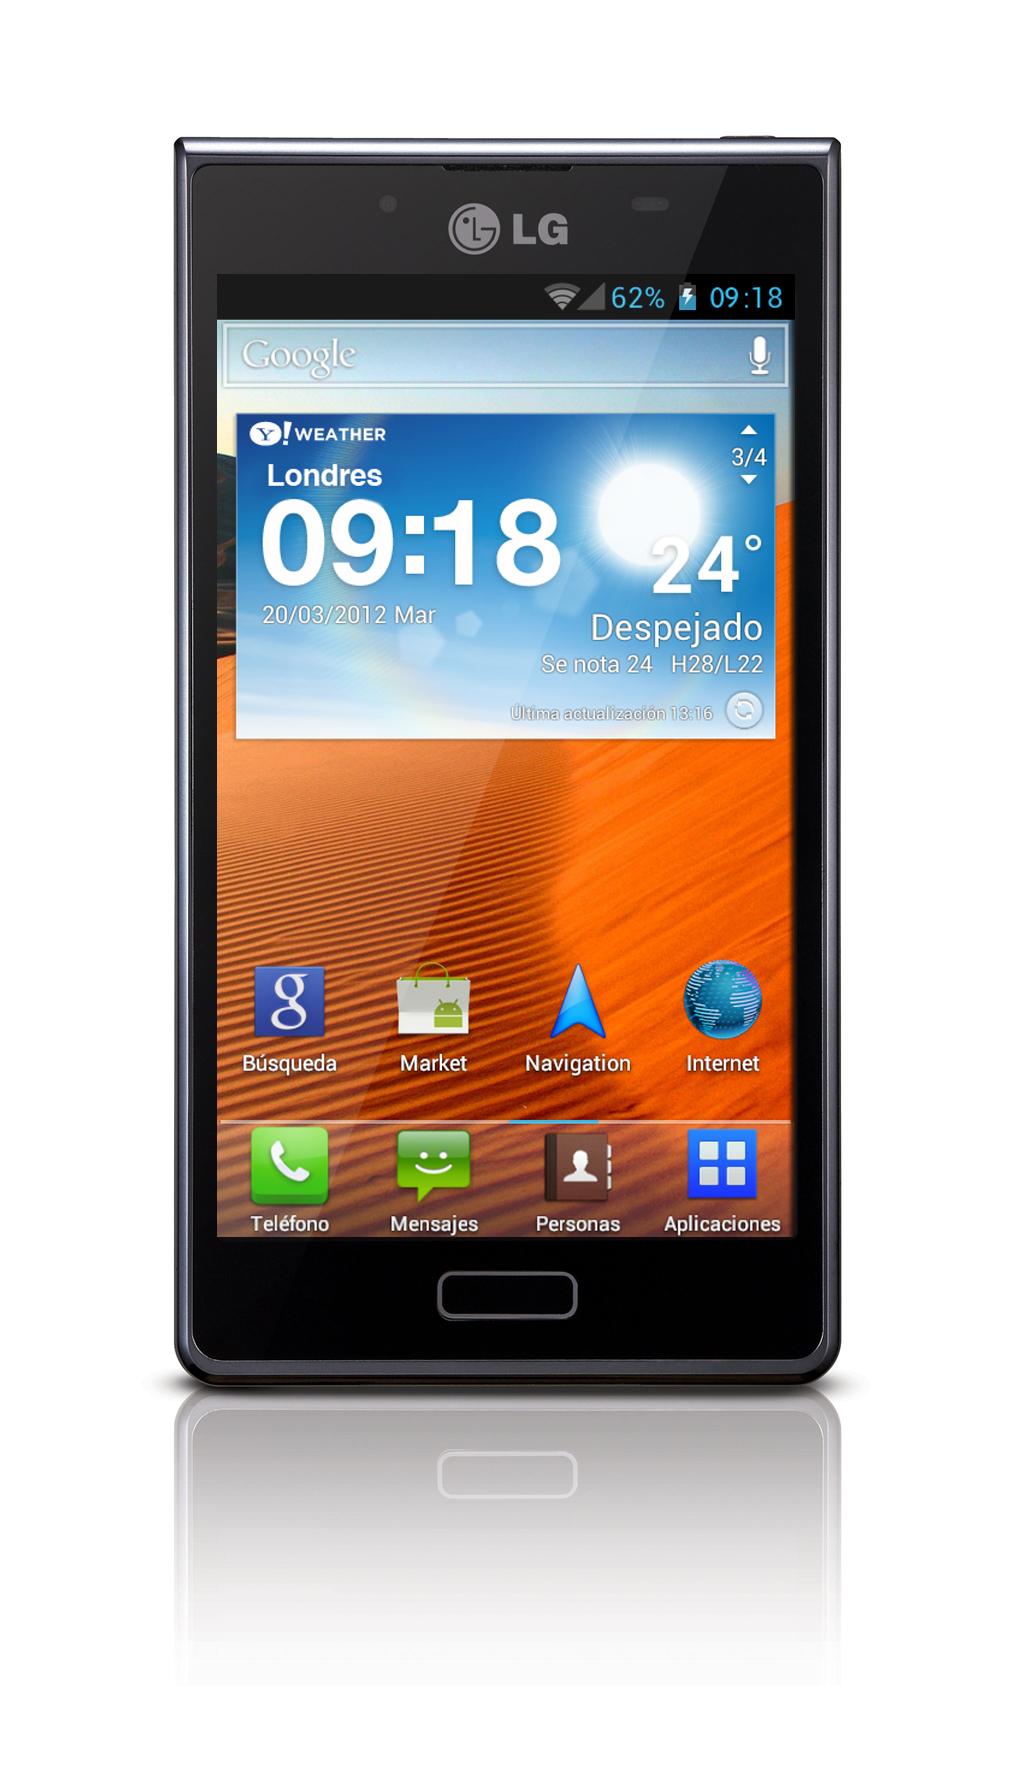 LG Optimus L7 llega a Espau00f1a de la mano de Orange